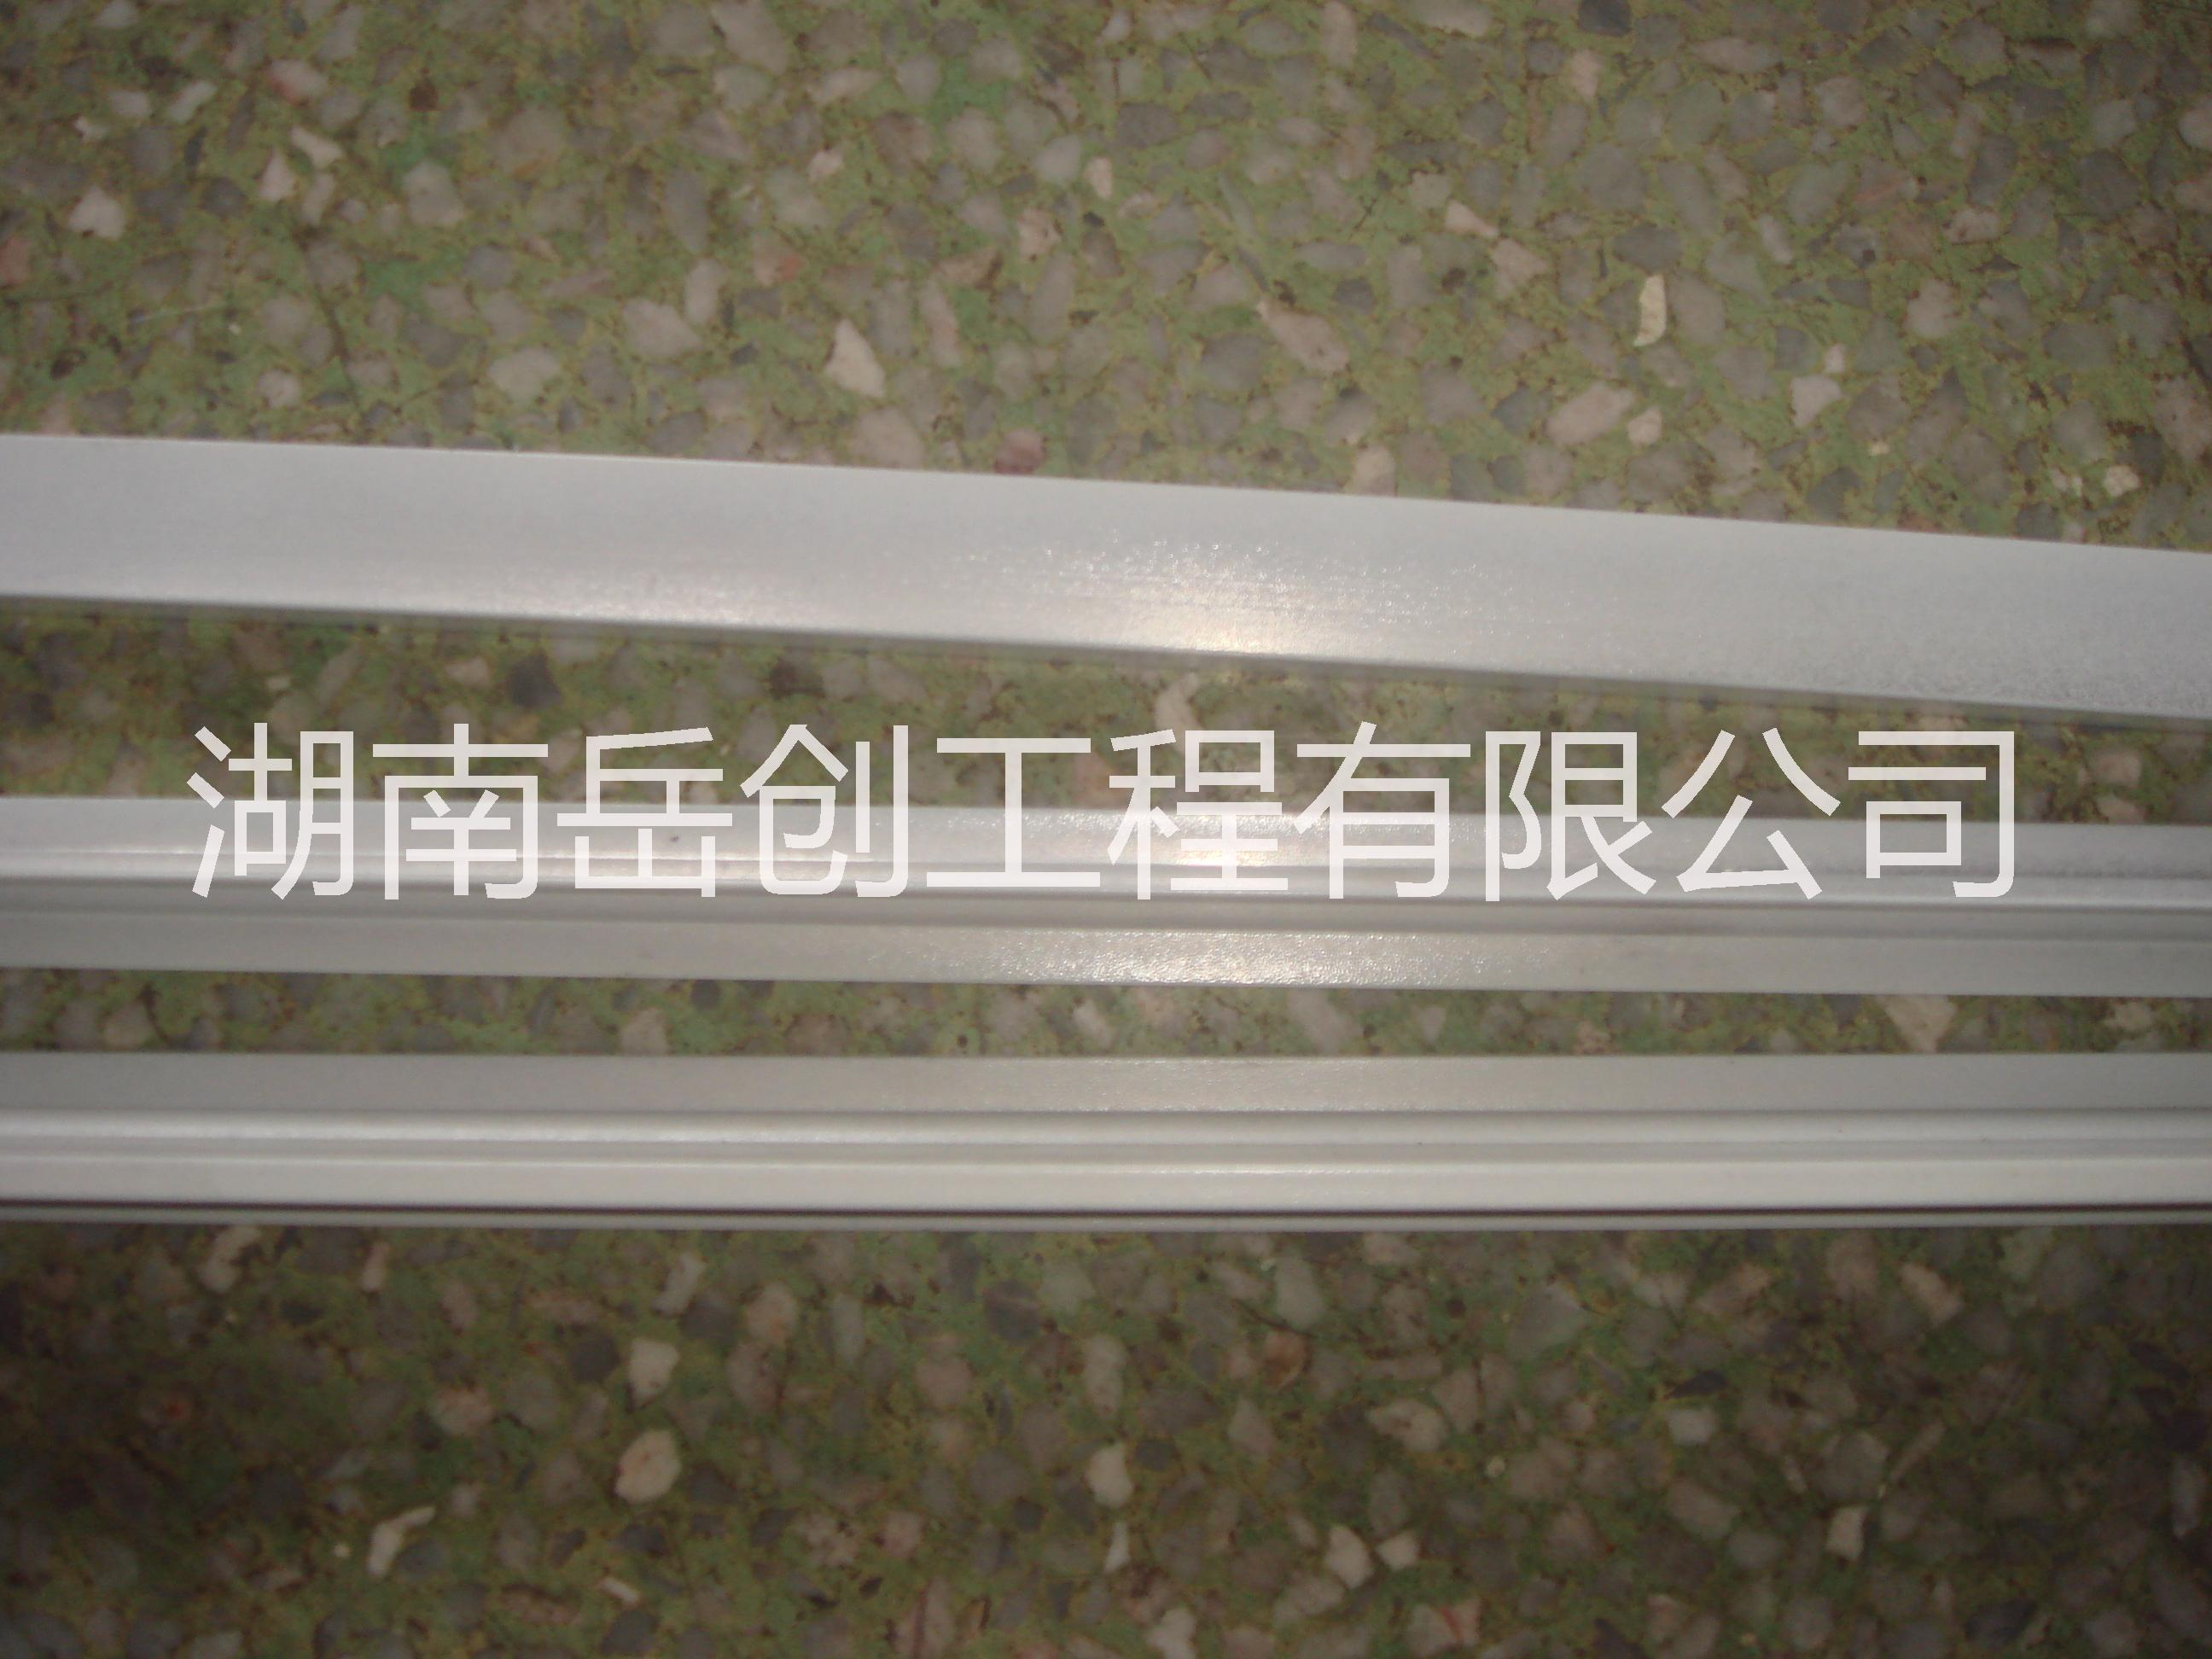 高晶板 吊顶高晶板